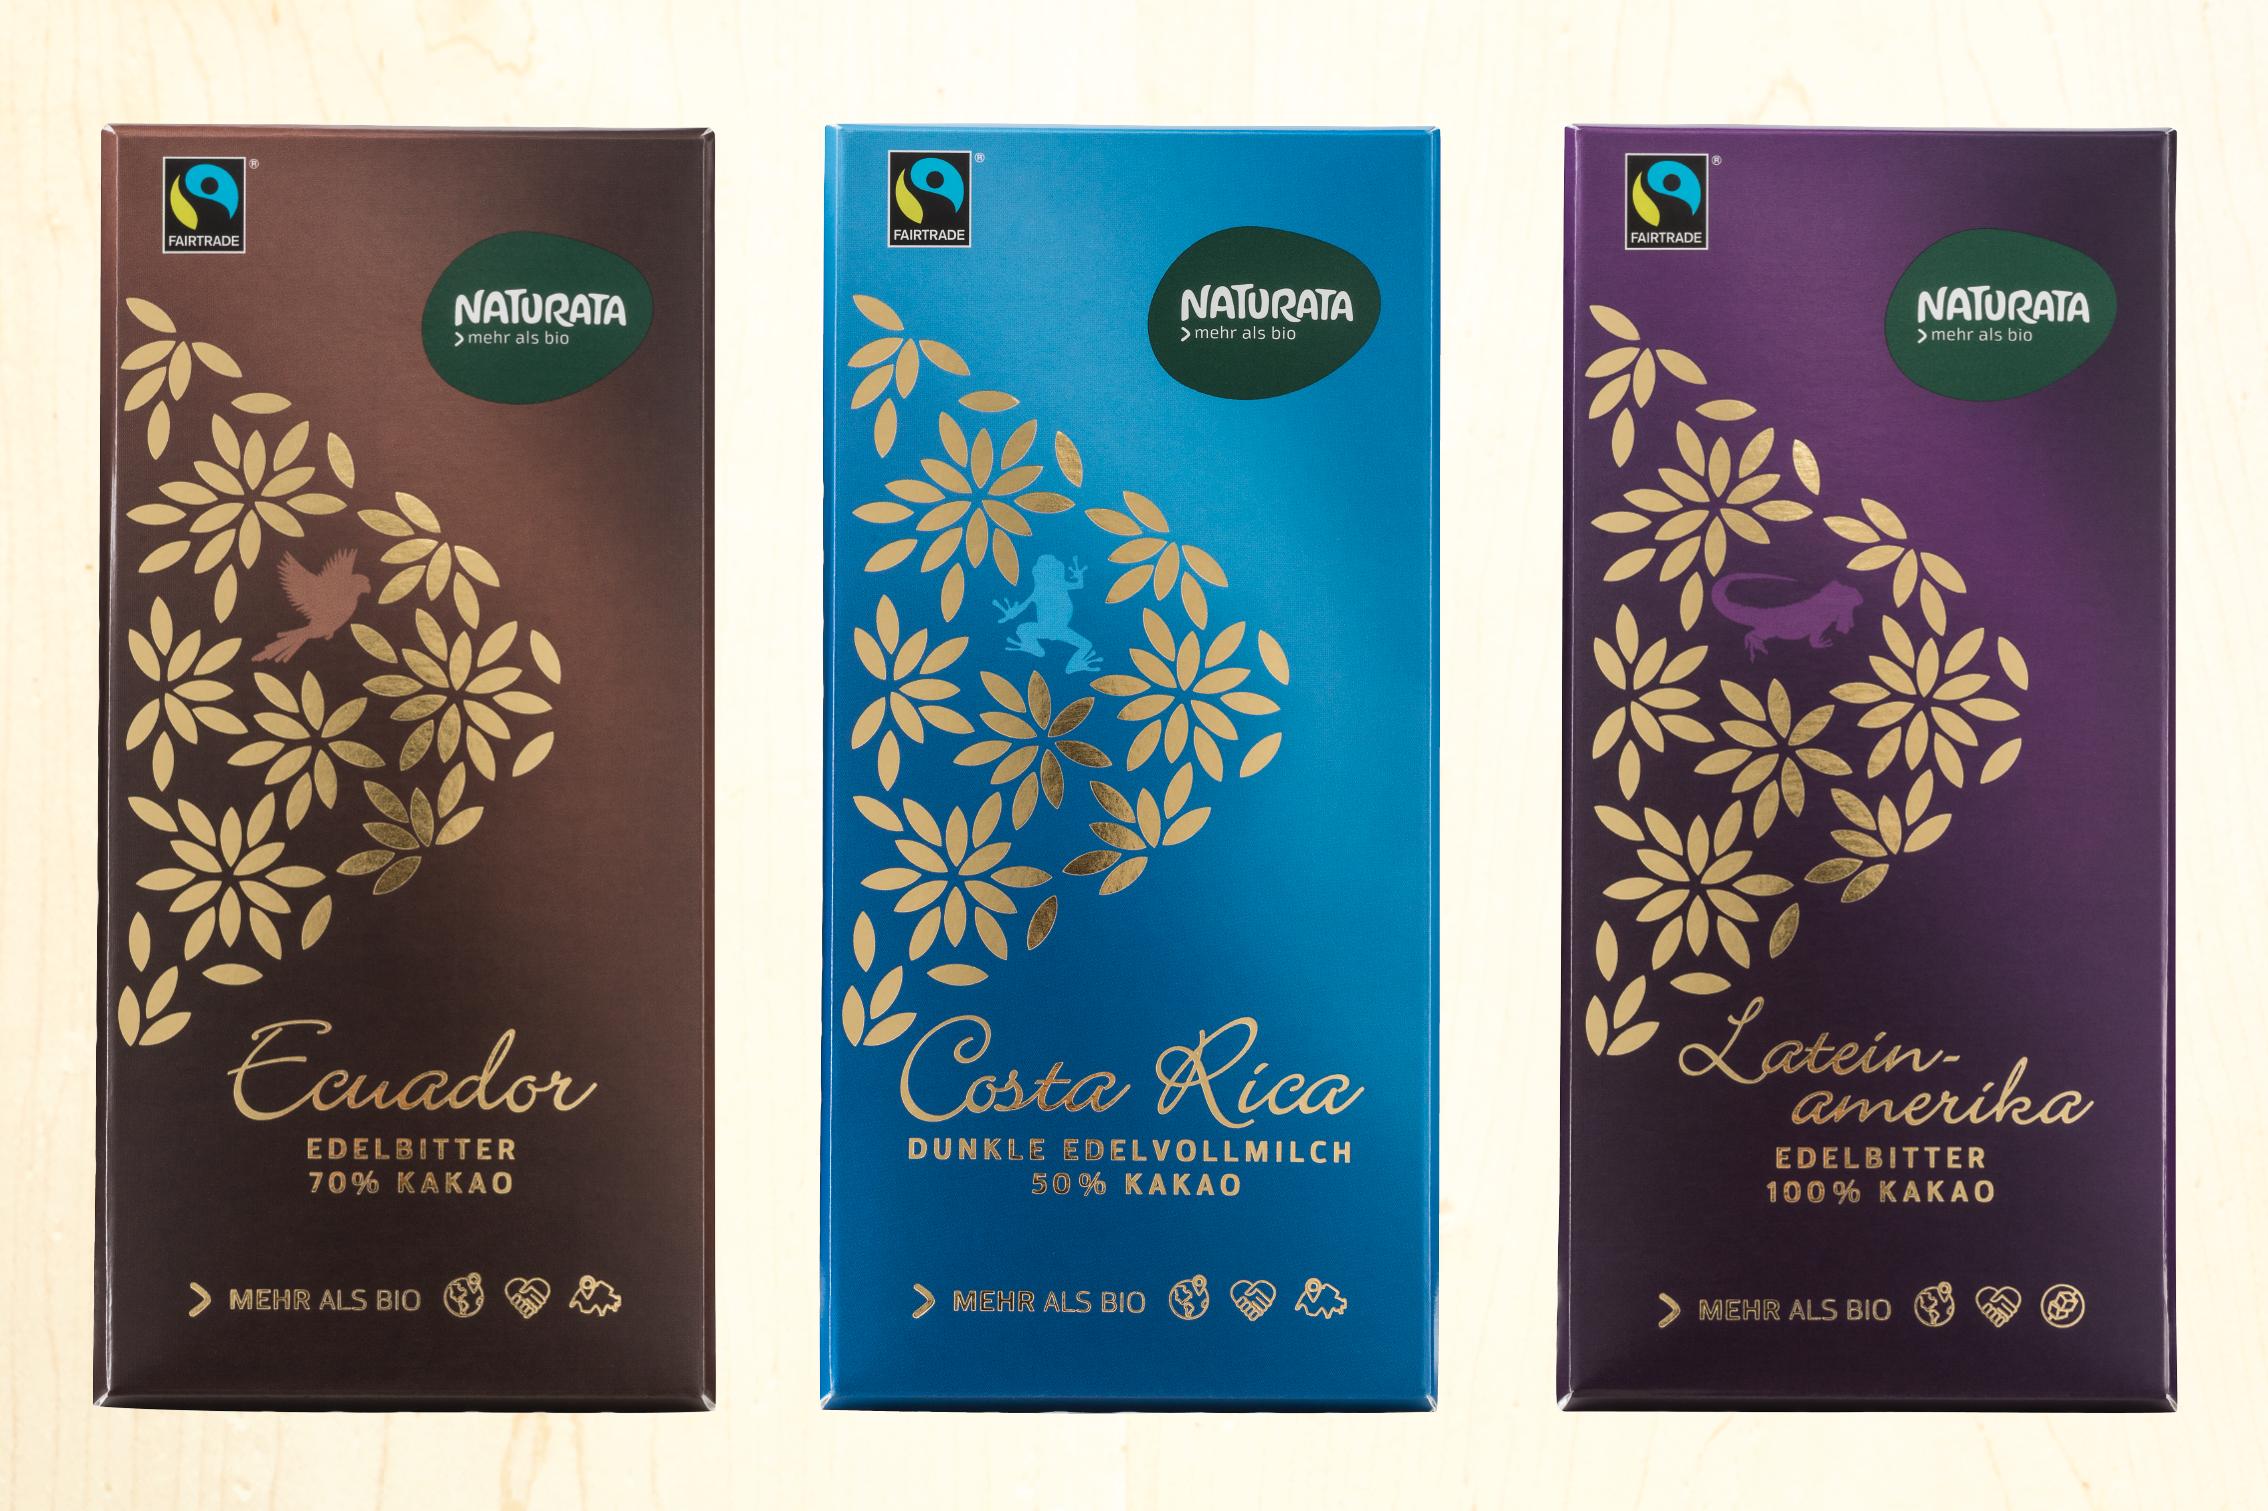 Naturata Schokoladen im neuen Design